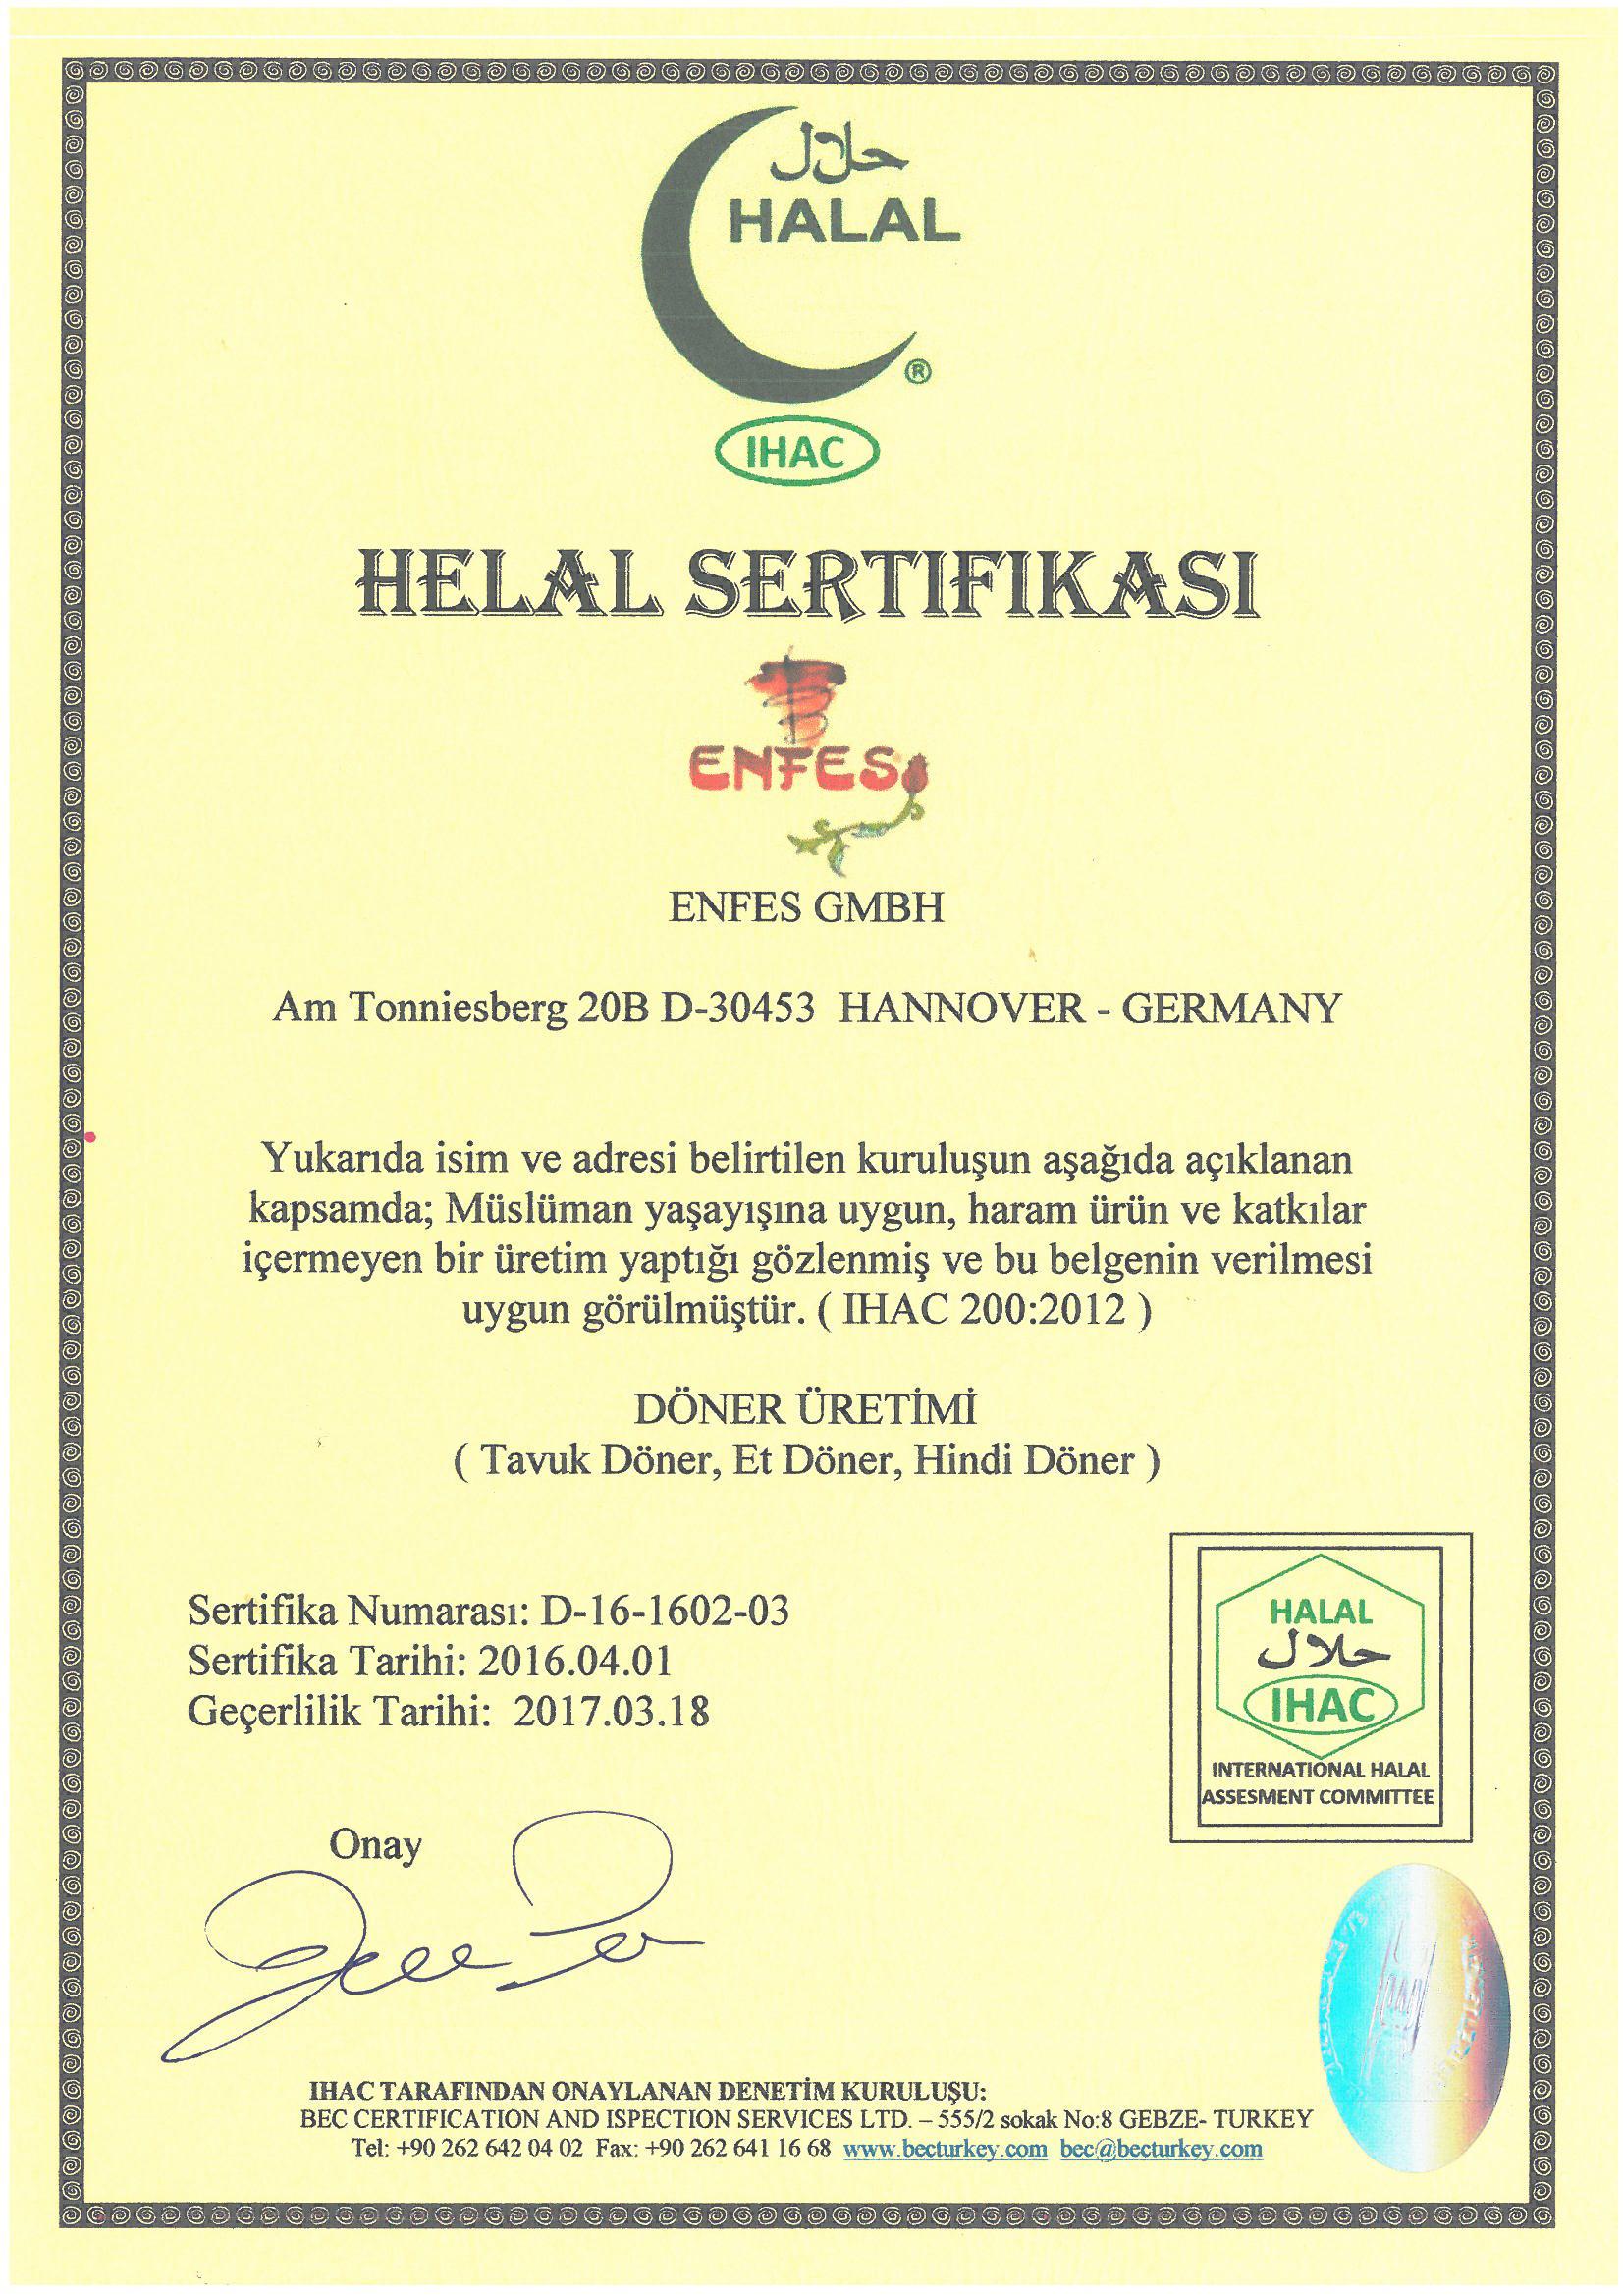 SKMBT_C28016042612251